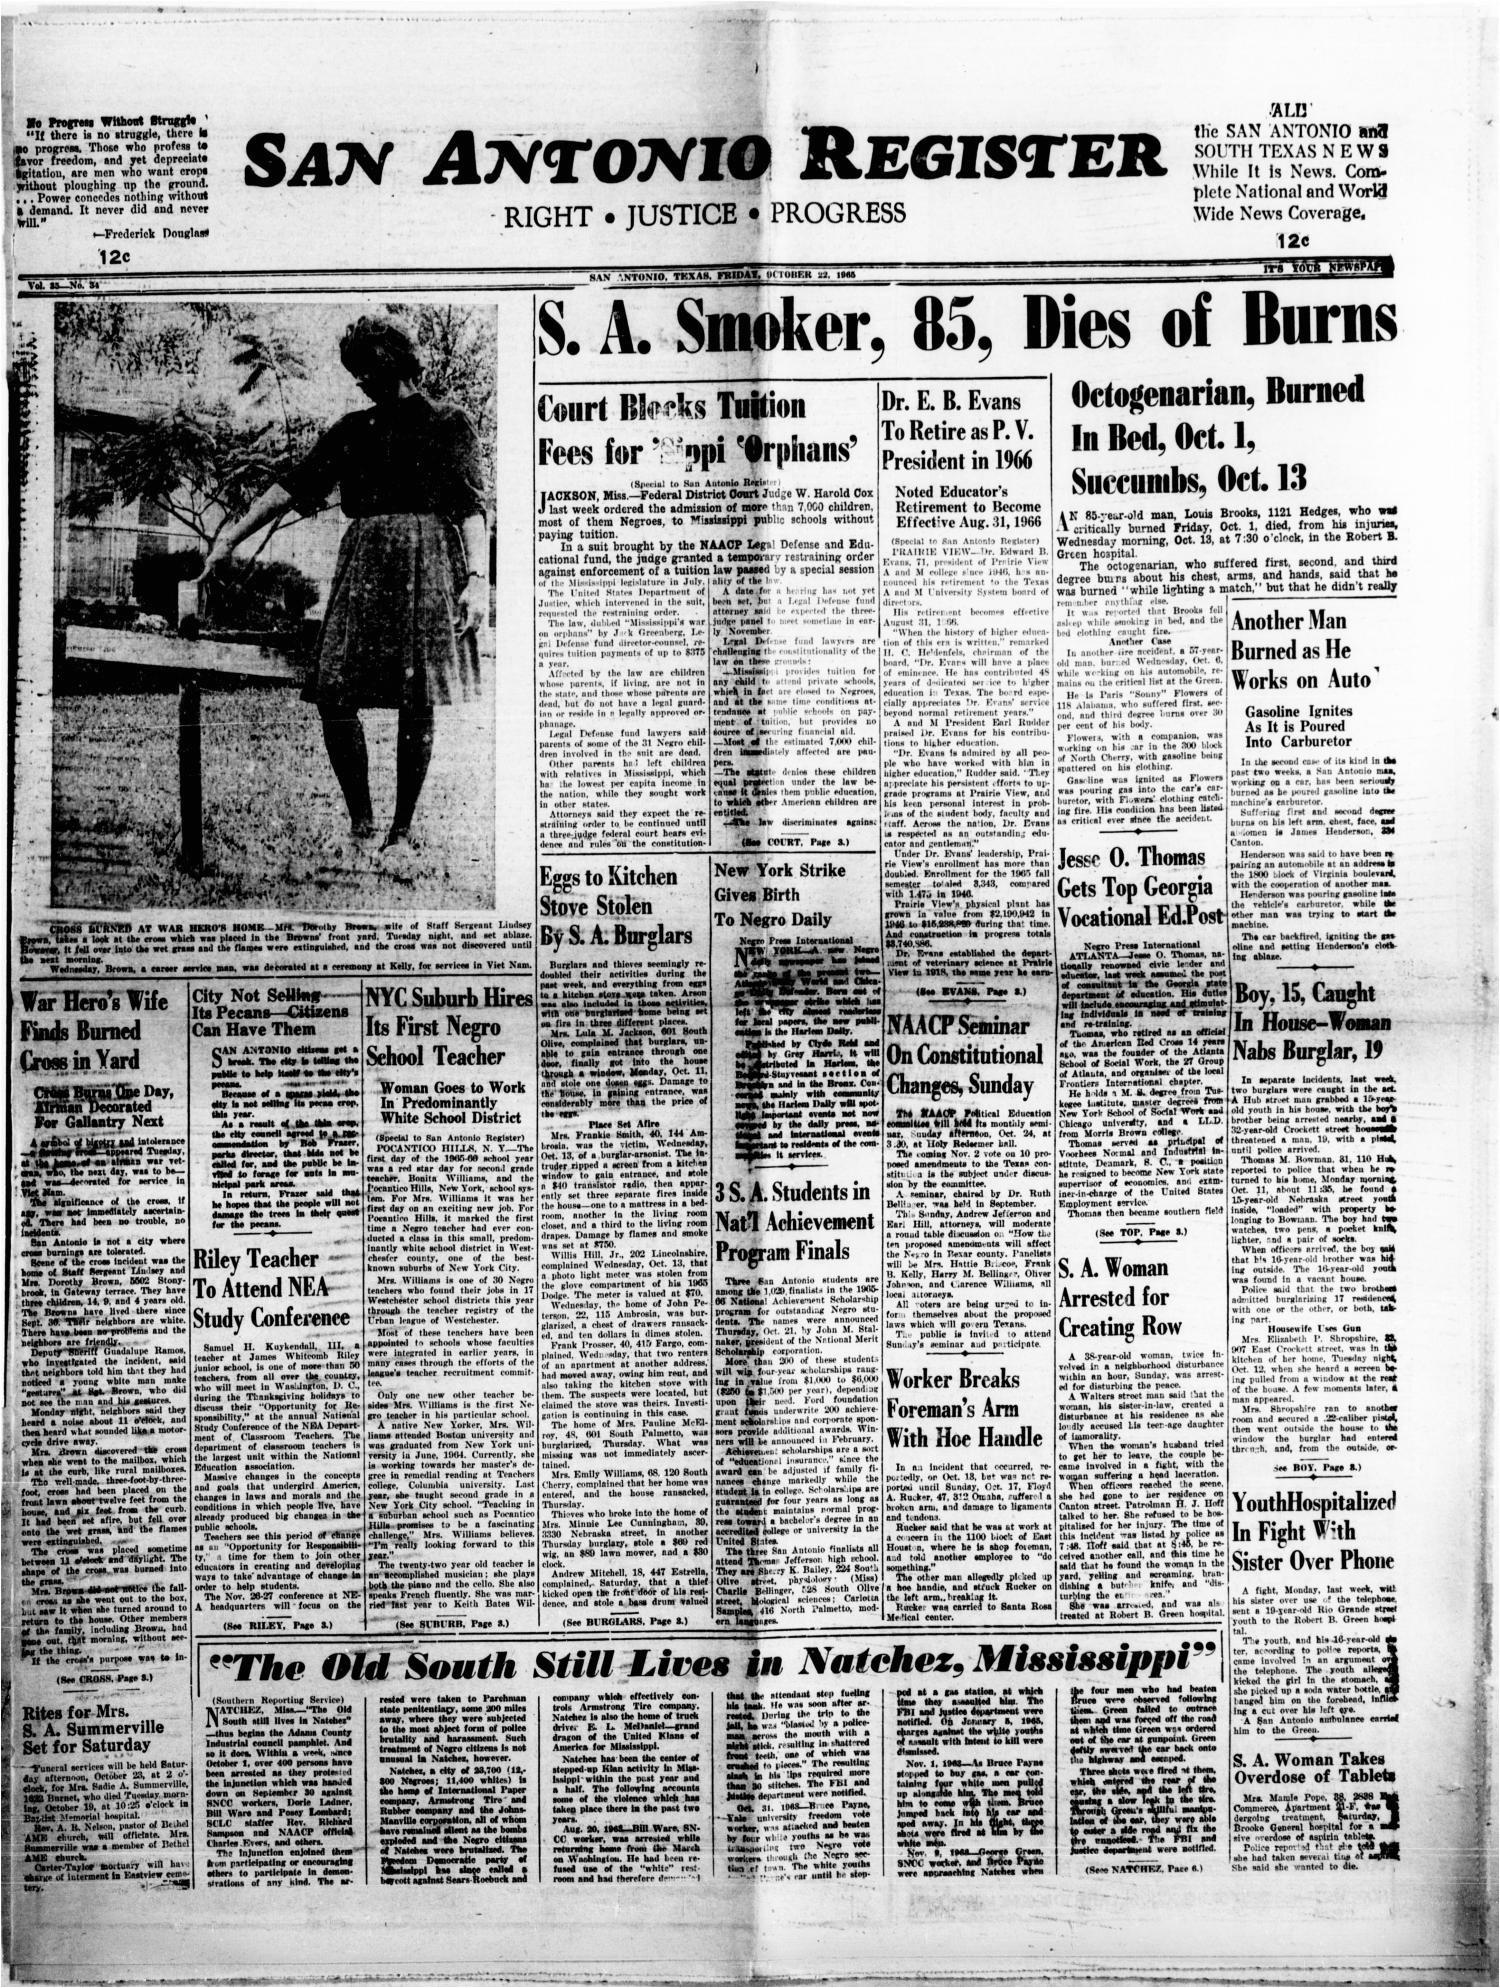 san antonio register san antonio tex vol 35 no 34 ed 1 friday october 22 1965 page 1 of 8 the portal to texas history